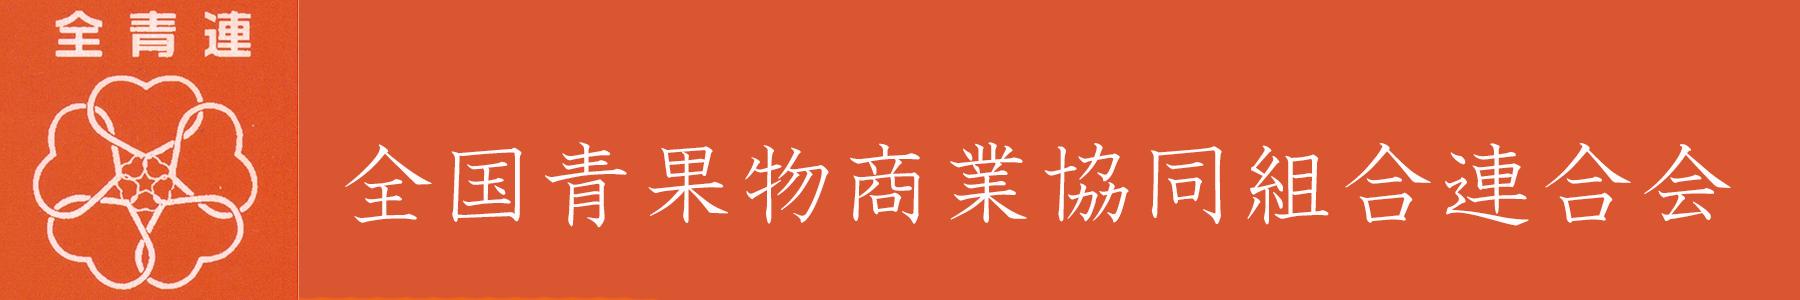 全青連公式サイト